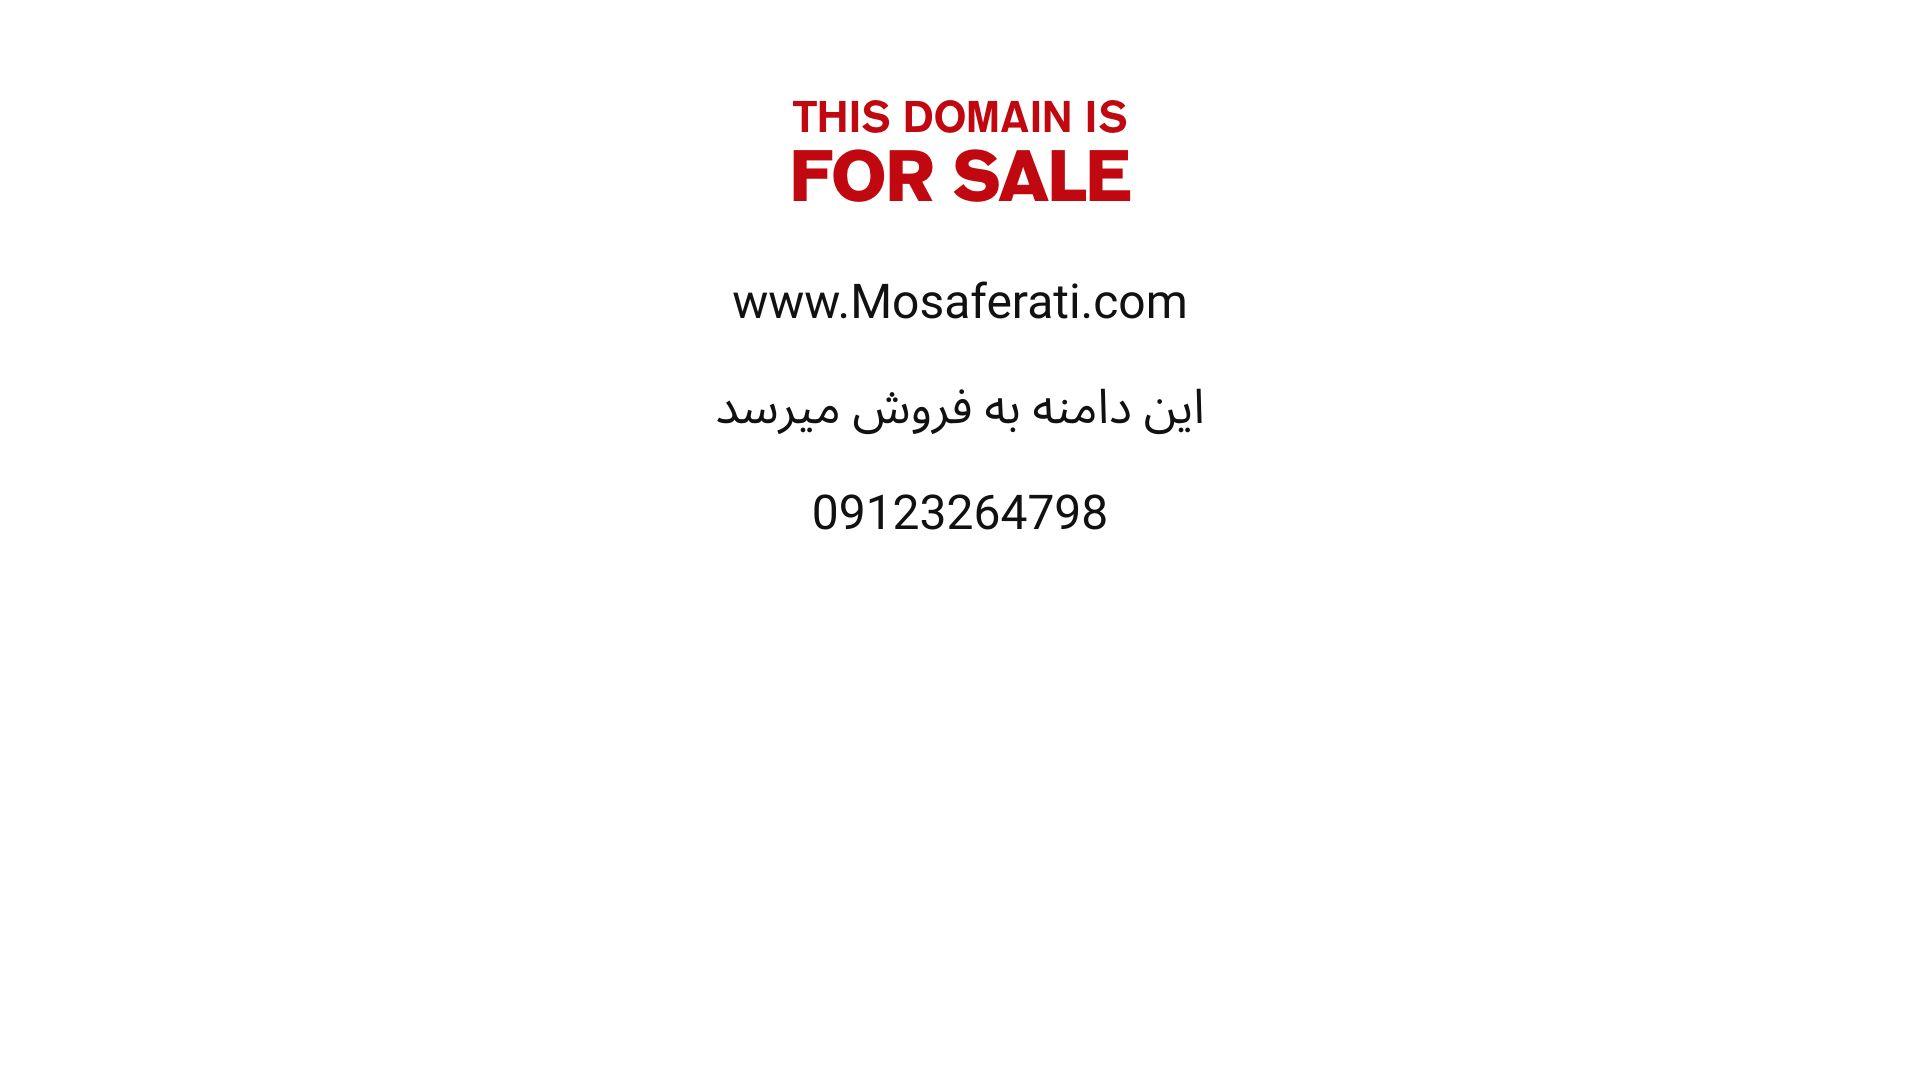 طراحی سیستم - طراحی سایت نواندیشان راه سبز پارسیان